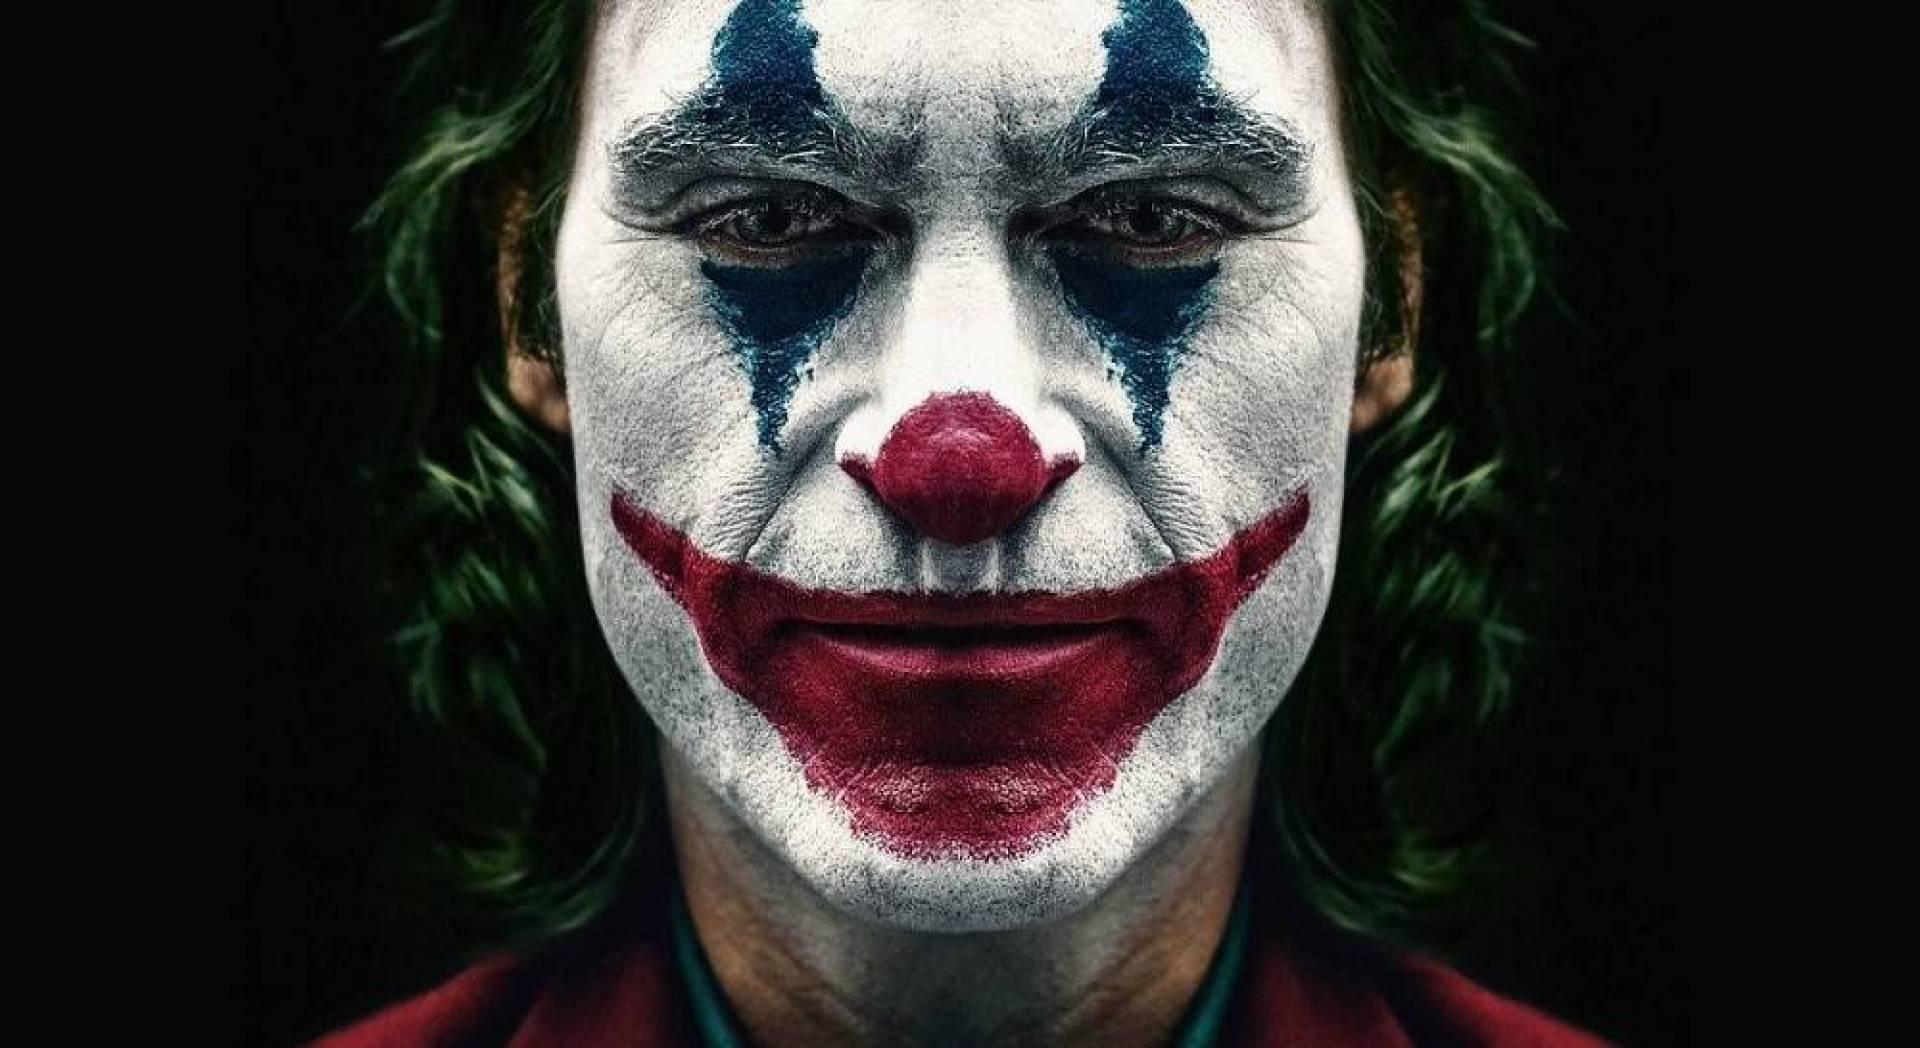 50 مليون دولار تعيد خواكين إلى شخصية Joker.. بجزئين جديدين